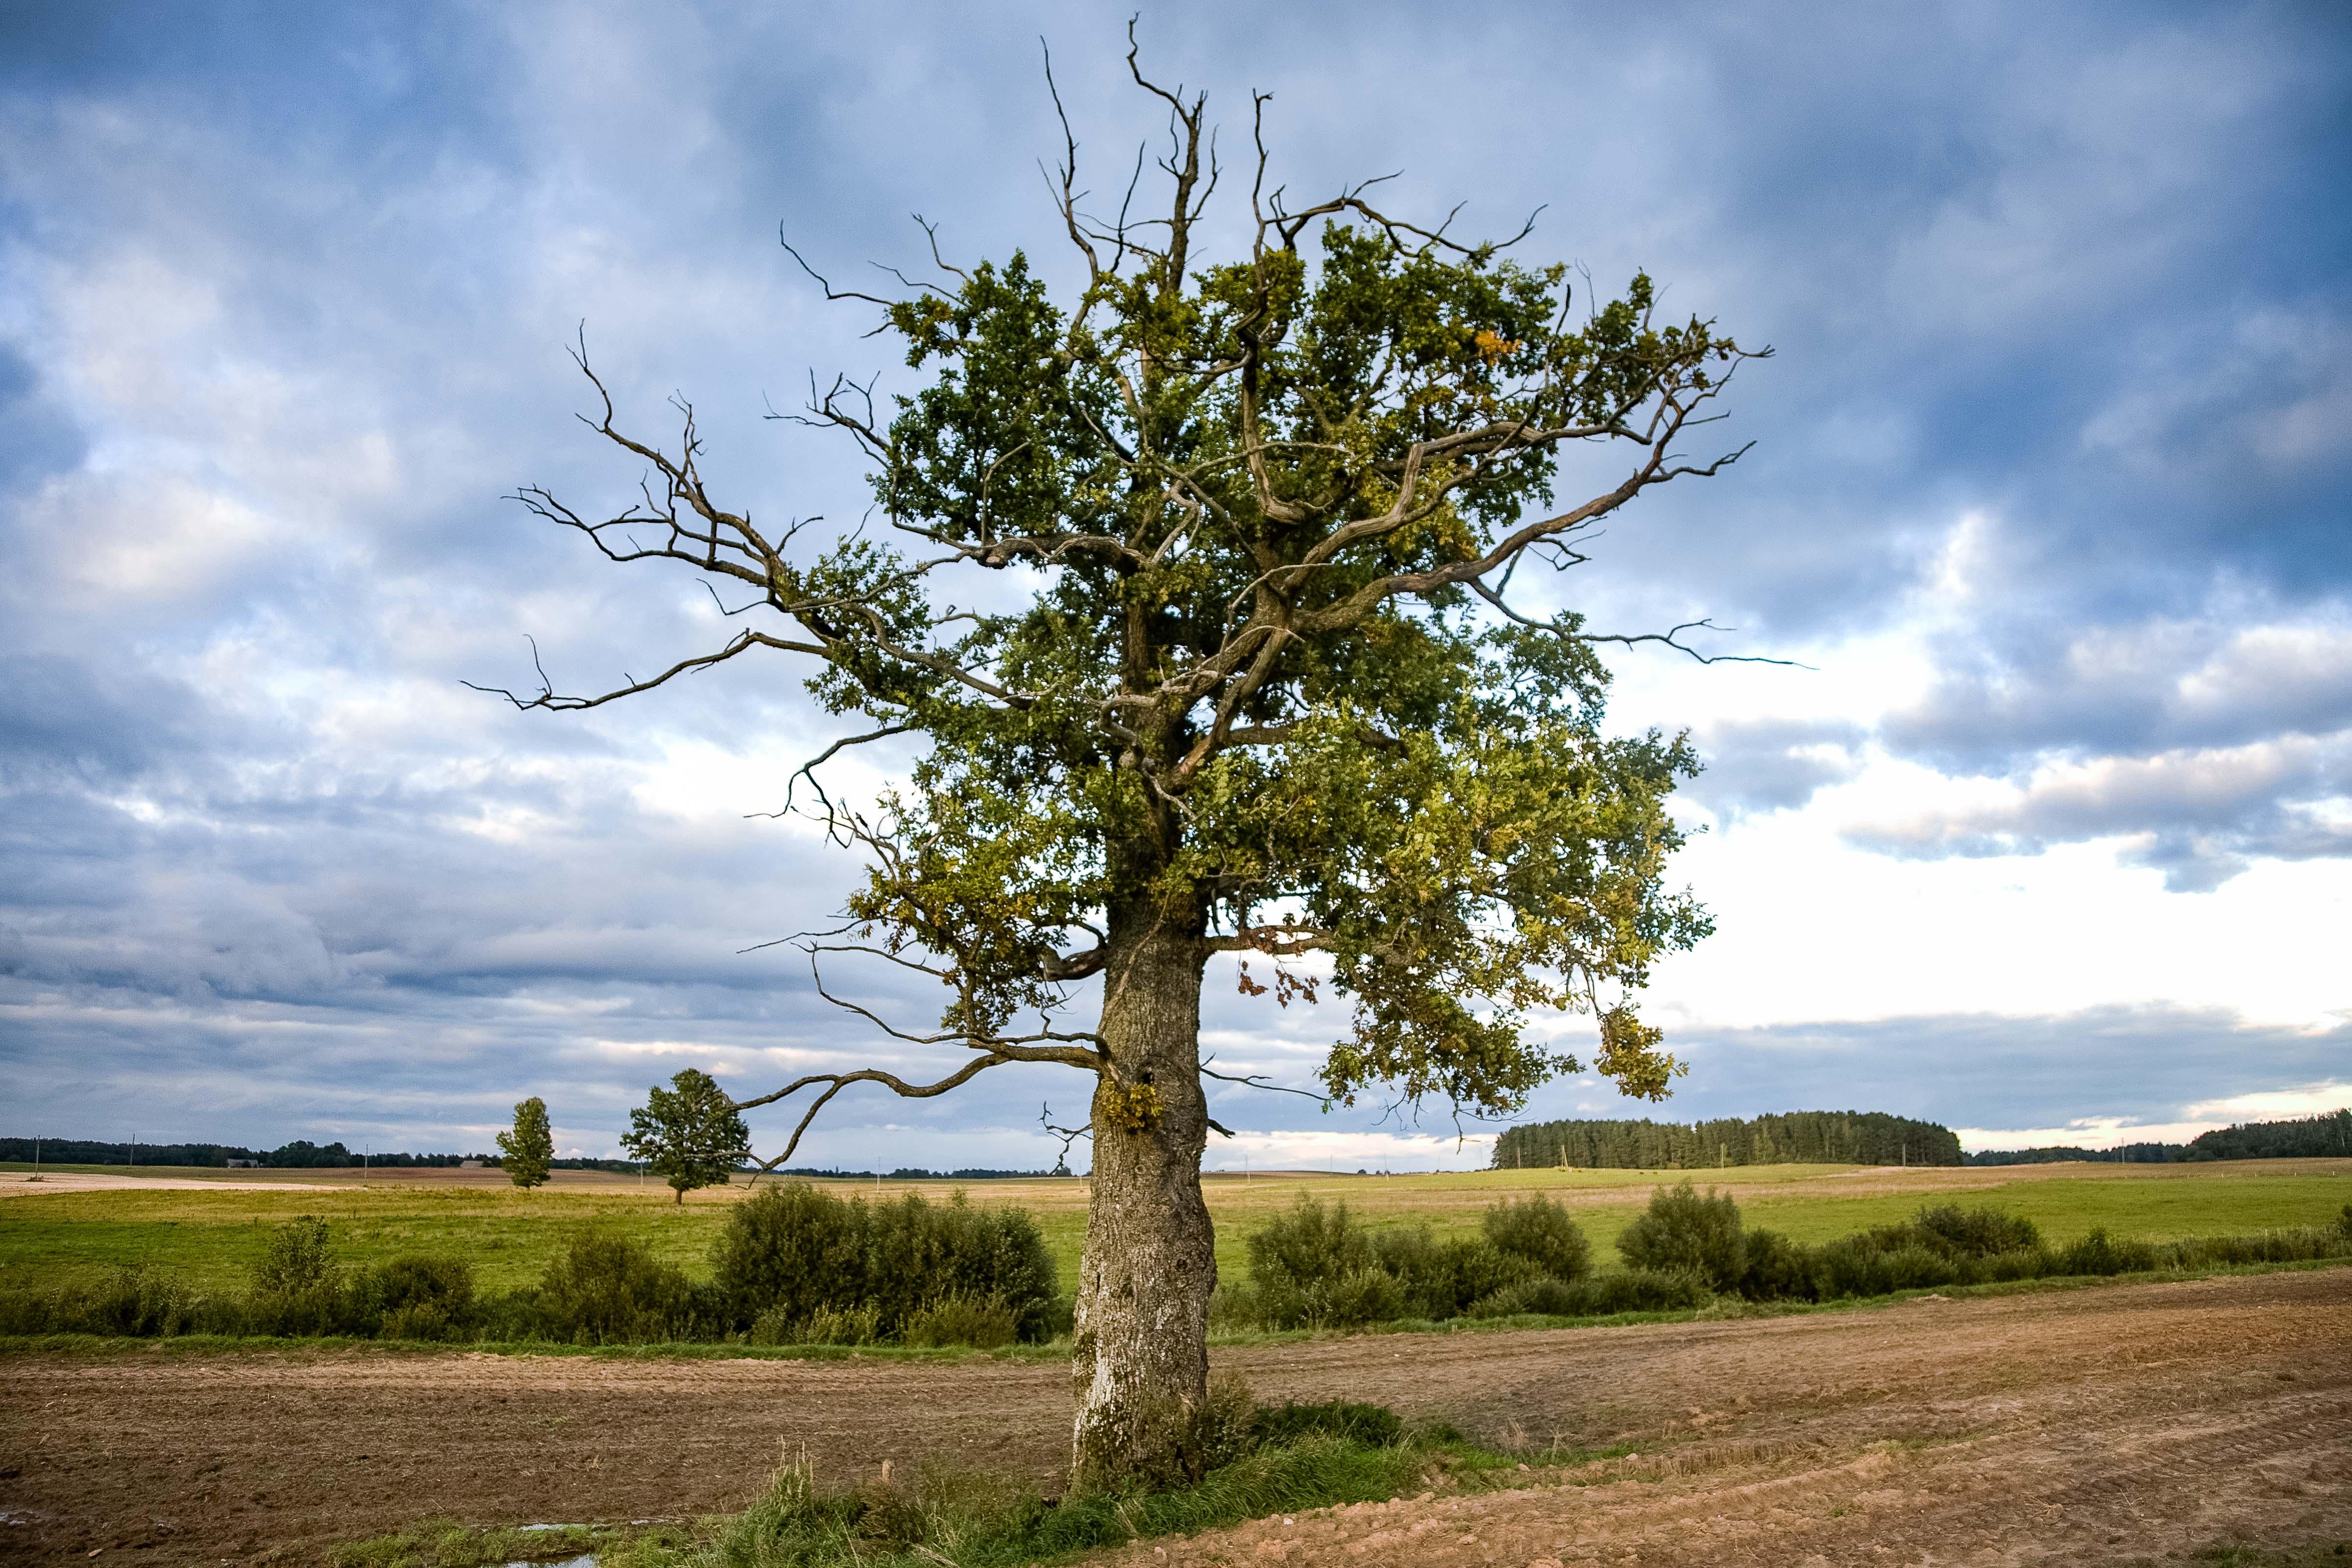 Latvia, Kuldiga Prov, Tree, 2010, IMG_2423